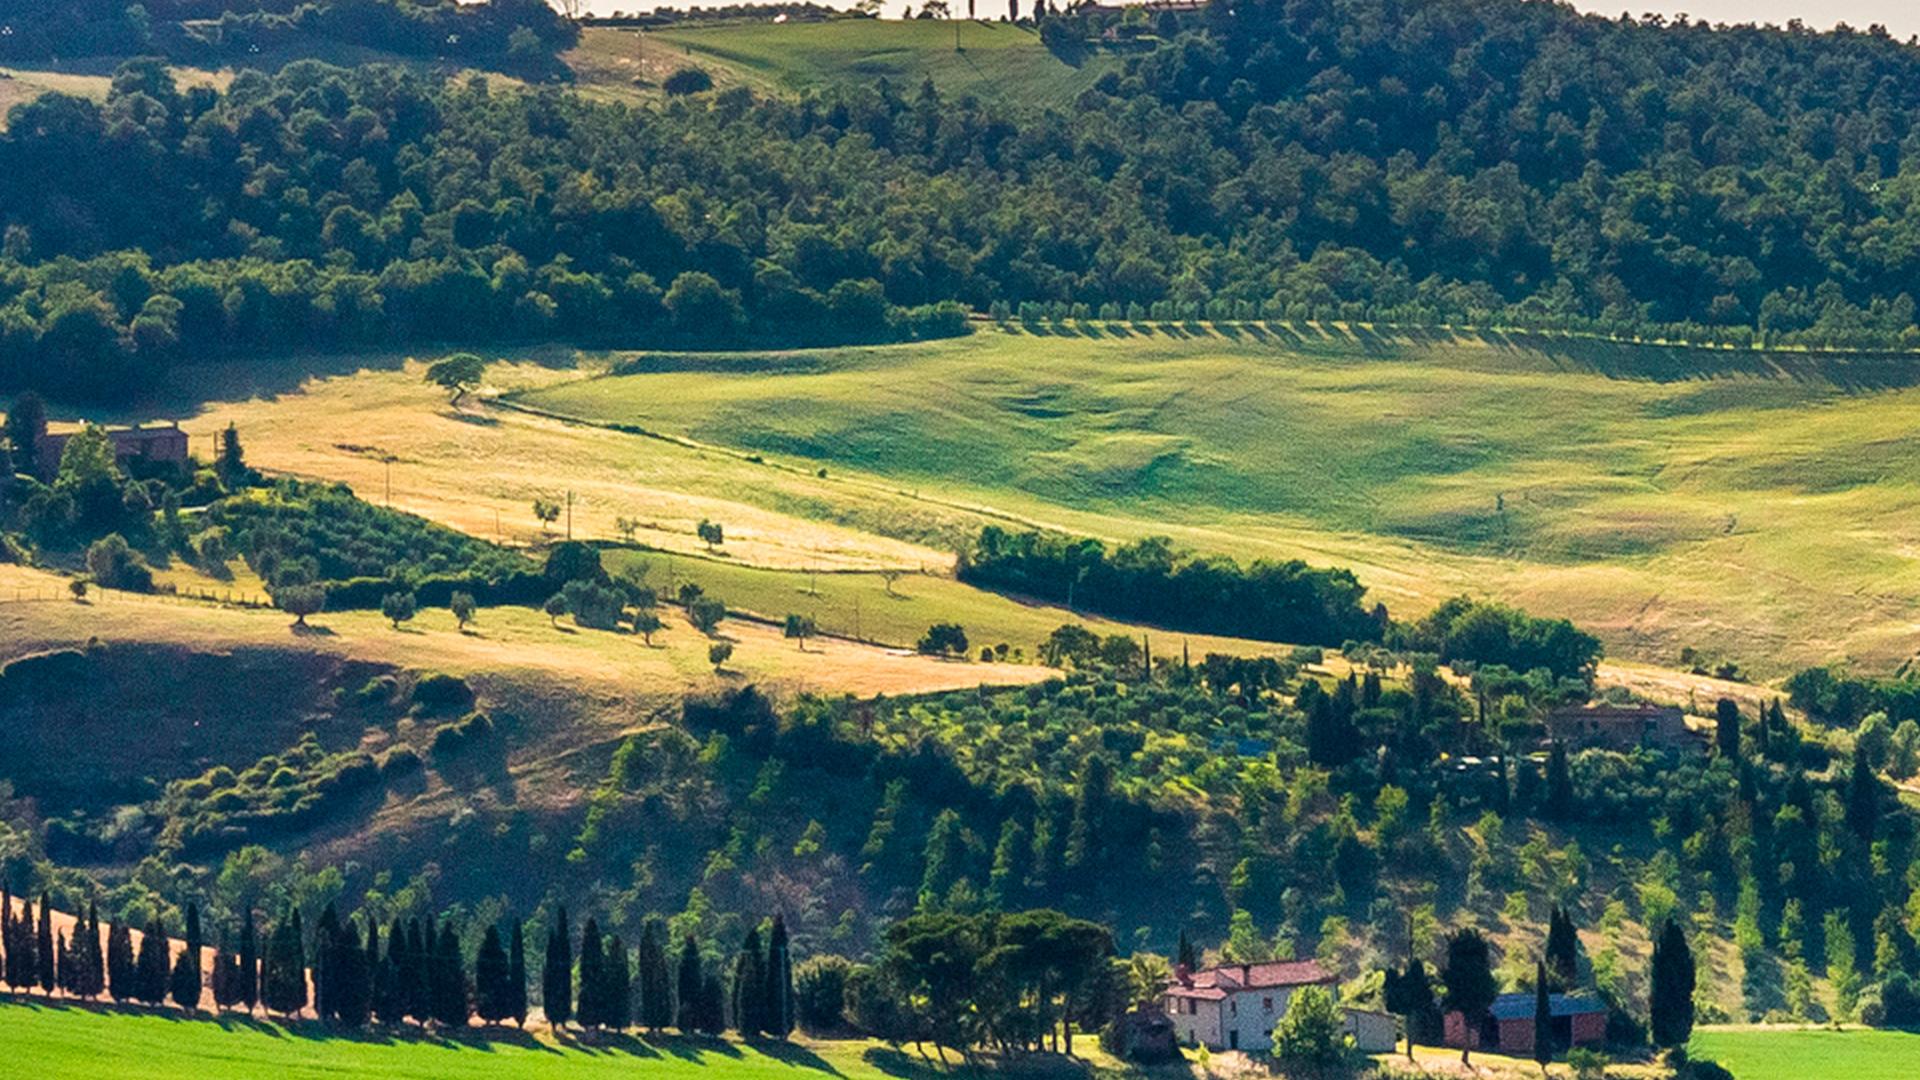 Matrimonio In Una Serra Toscana : Tipo di cerimonia matrimonio toscana chianciano terme